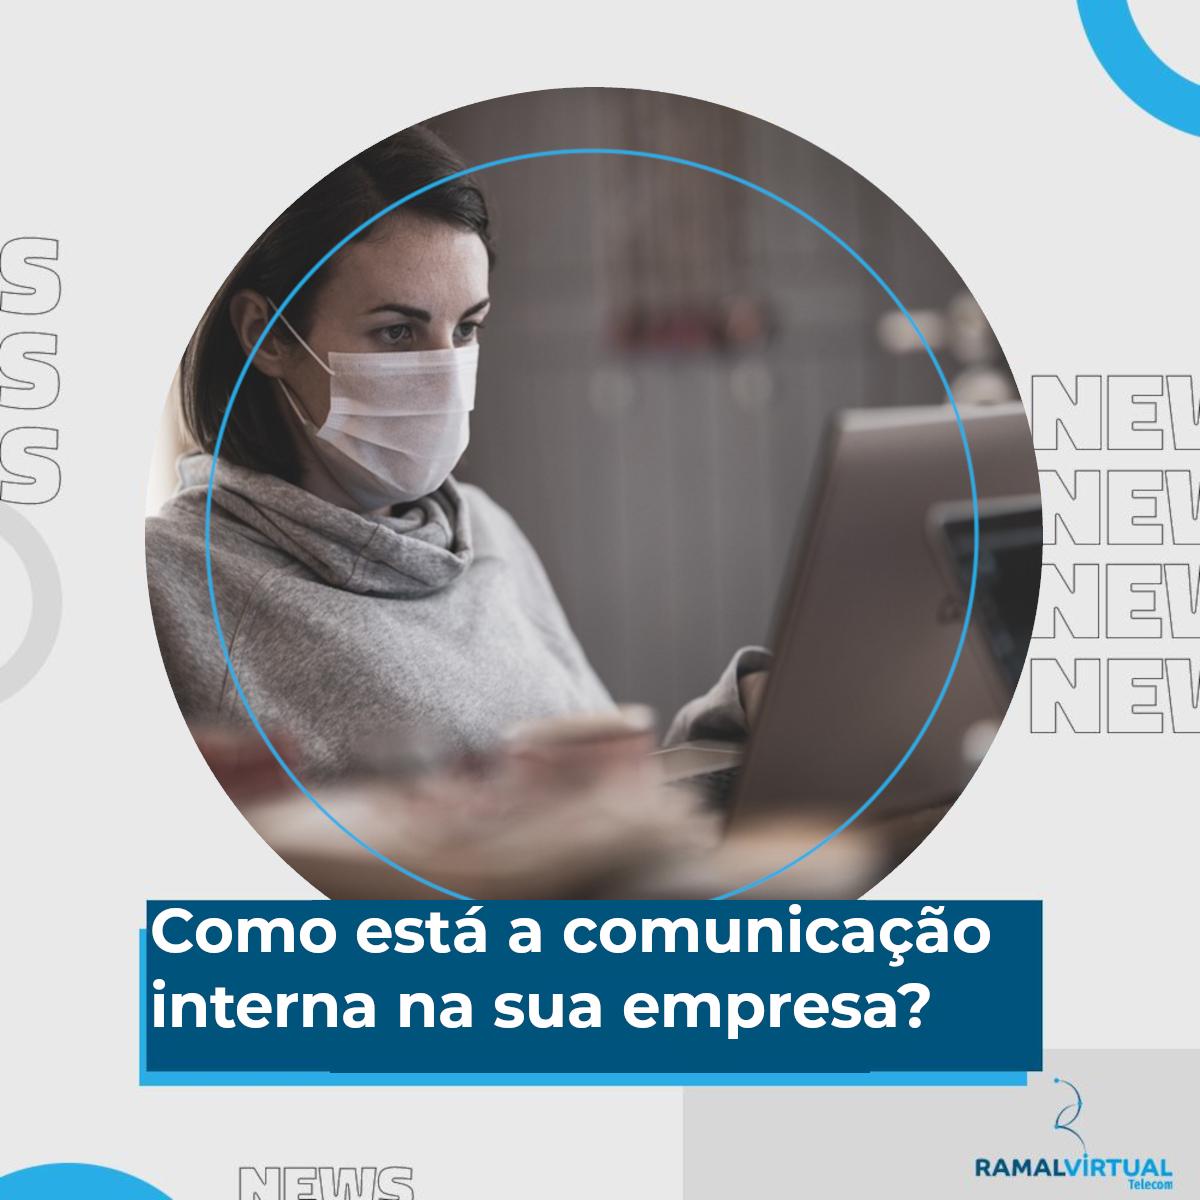 [Como está a comunicação interna na sua empresa?]